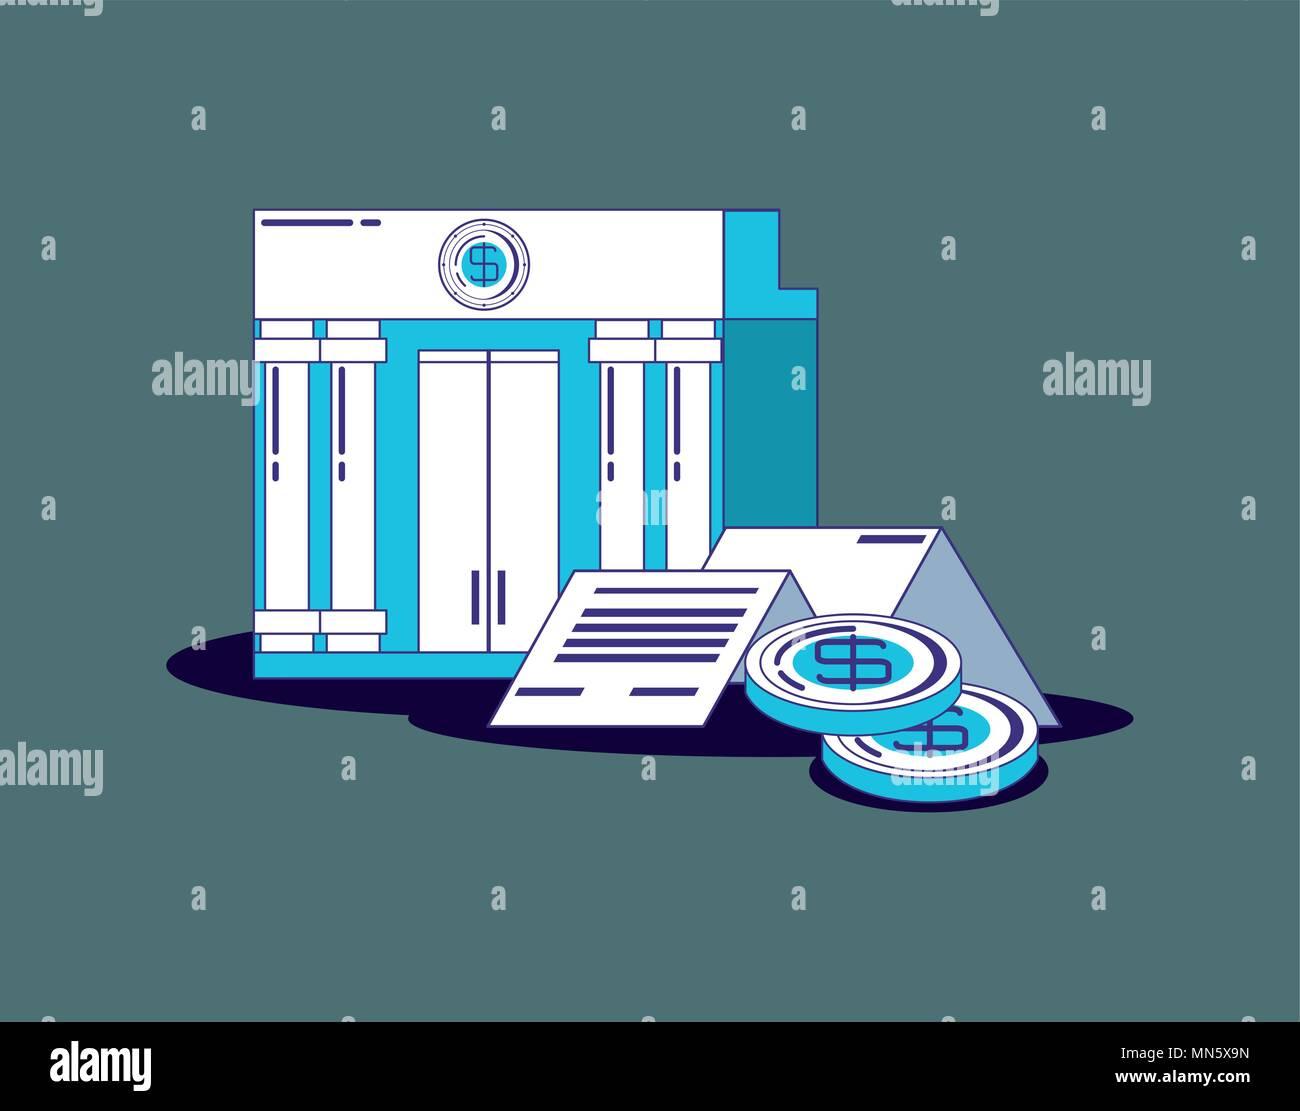 La tecnologia finanziaria concetto con bank building e monete su uno sfondo grigio, illustrazione vettoriale Immagini Stock